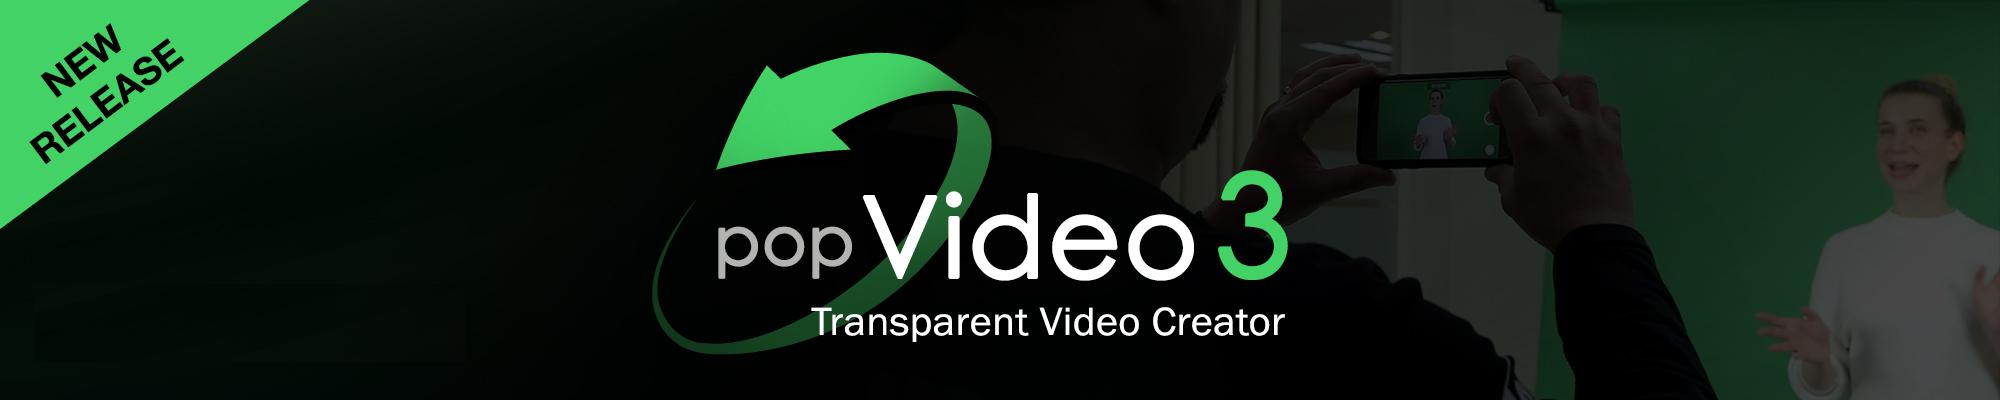 popVideo 3